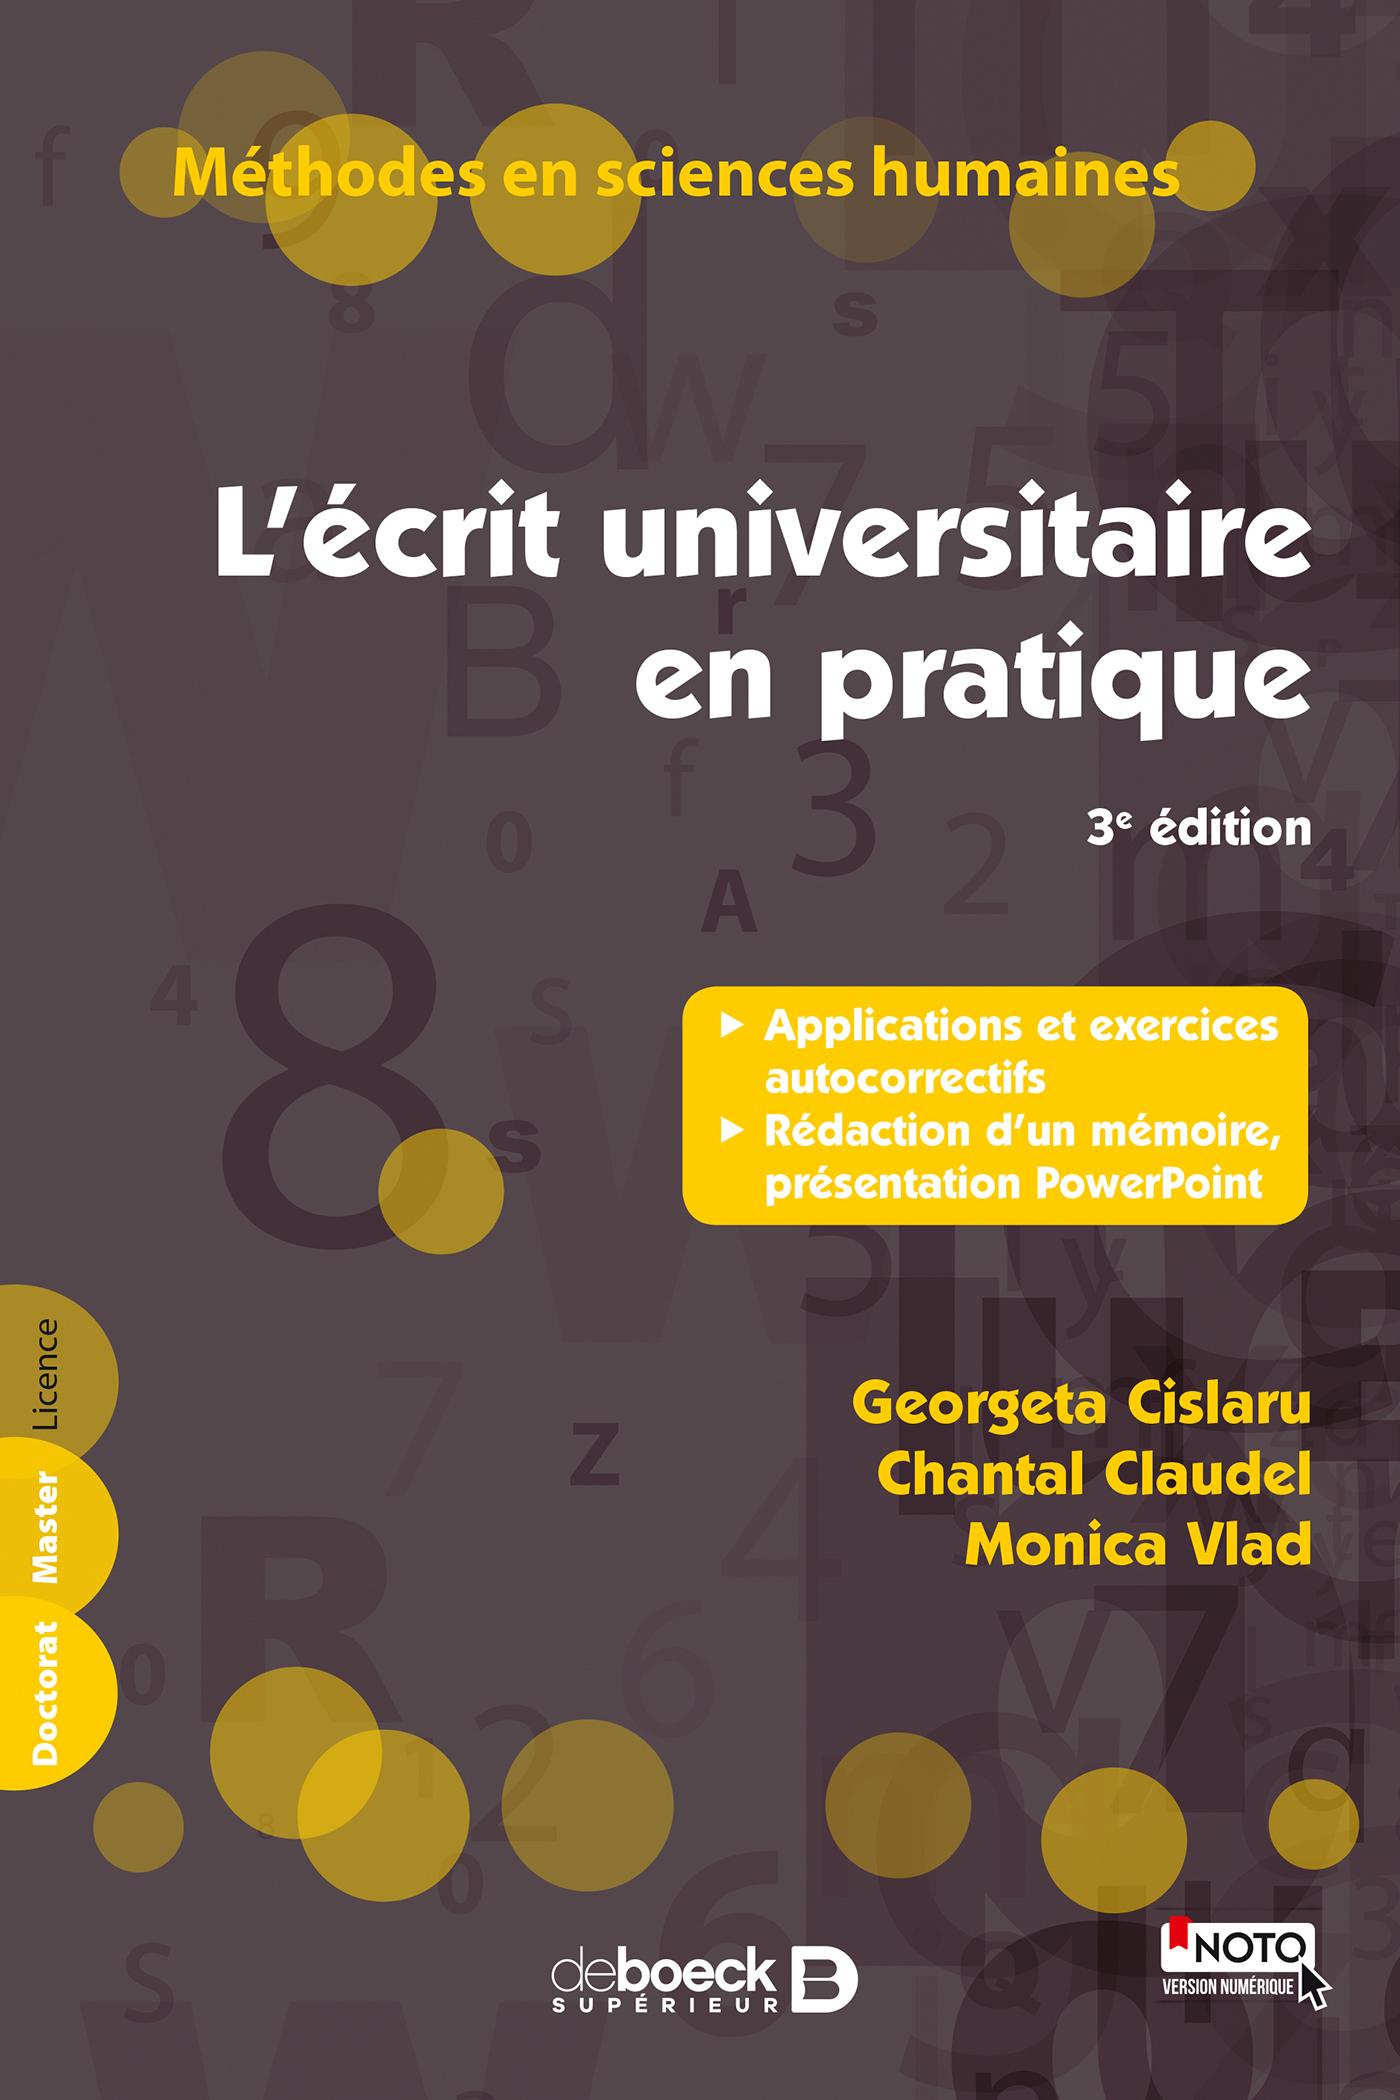 ECRIT UNIVERSITAIRE EN PRATIQUE (L') 3 EDITION